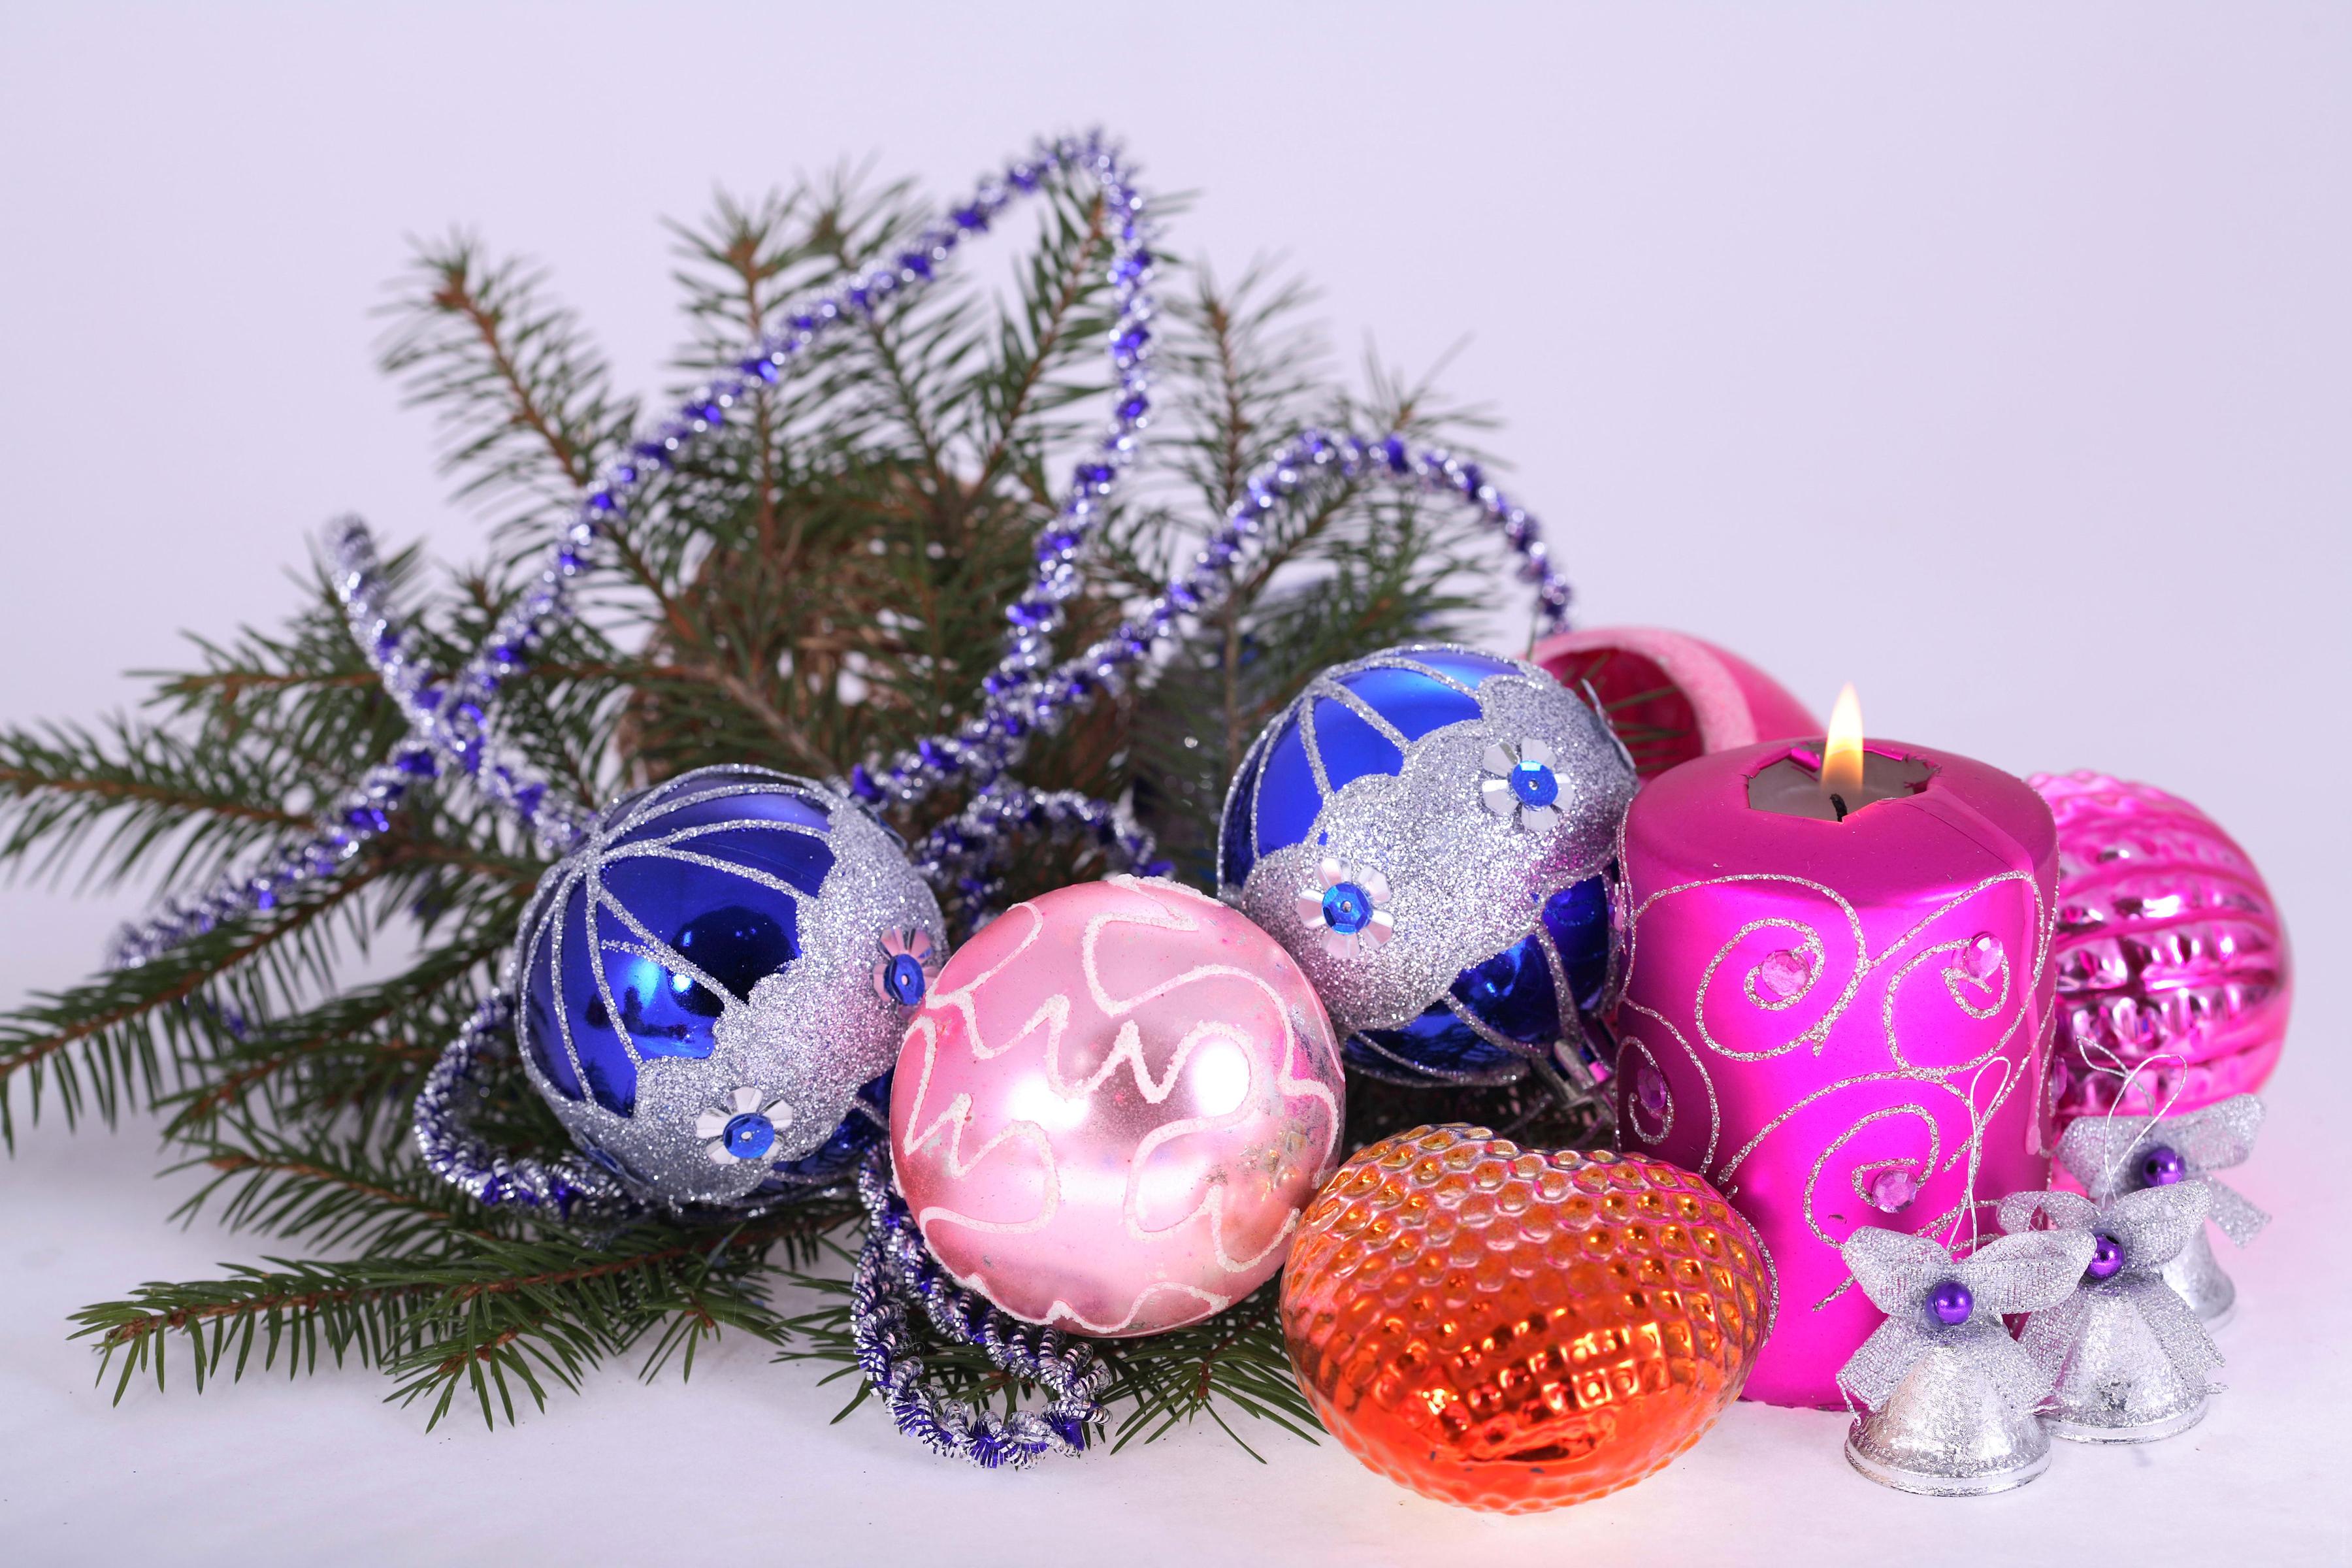 Открытки с новым годом с елкой и шариками, 50-летием